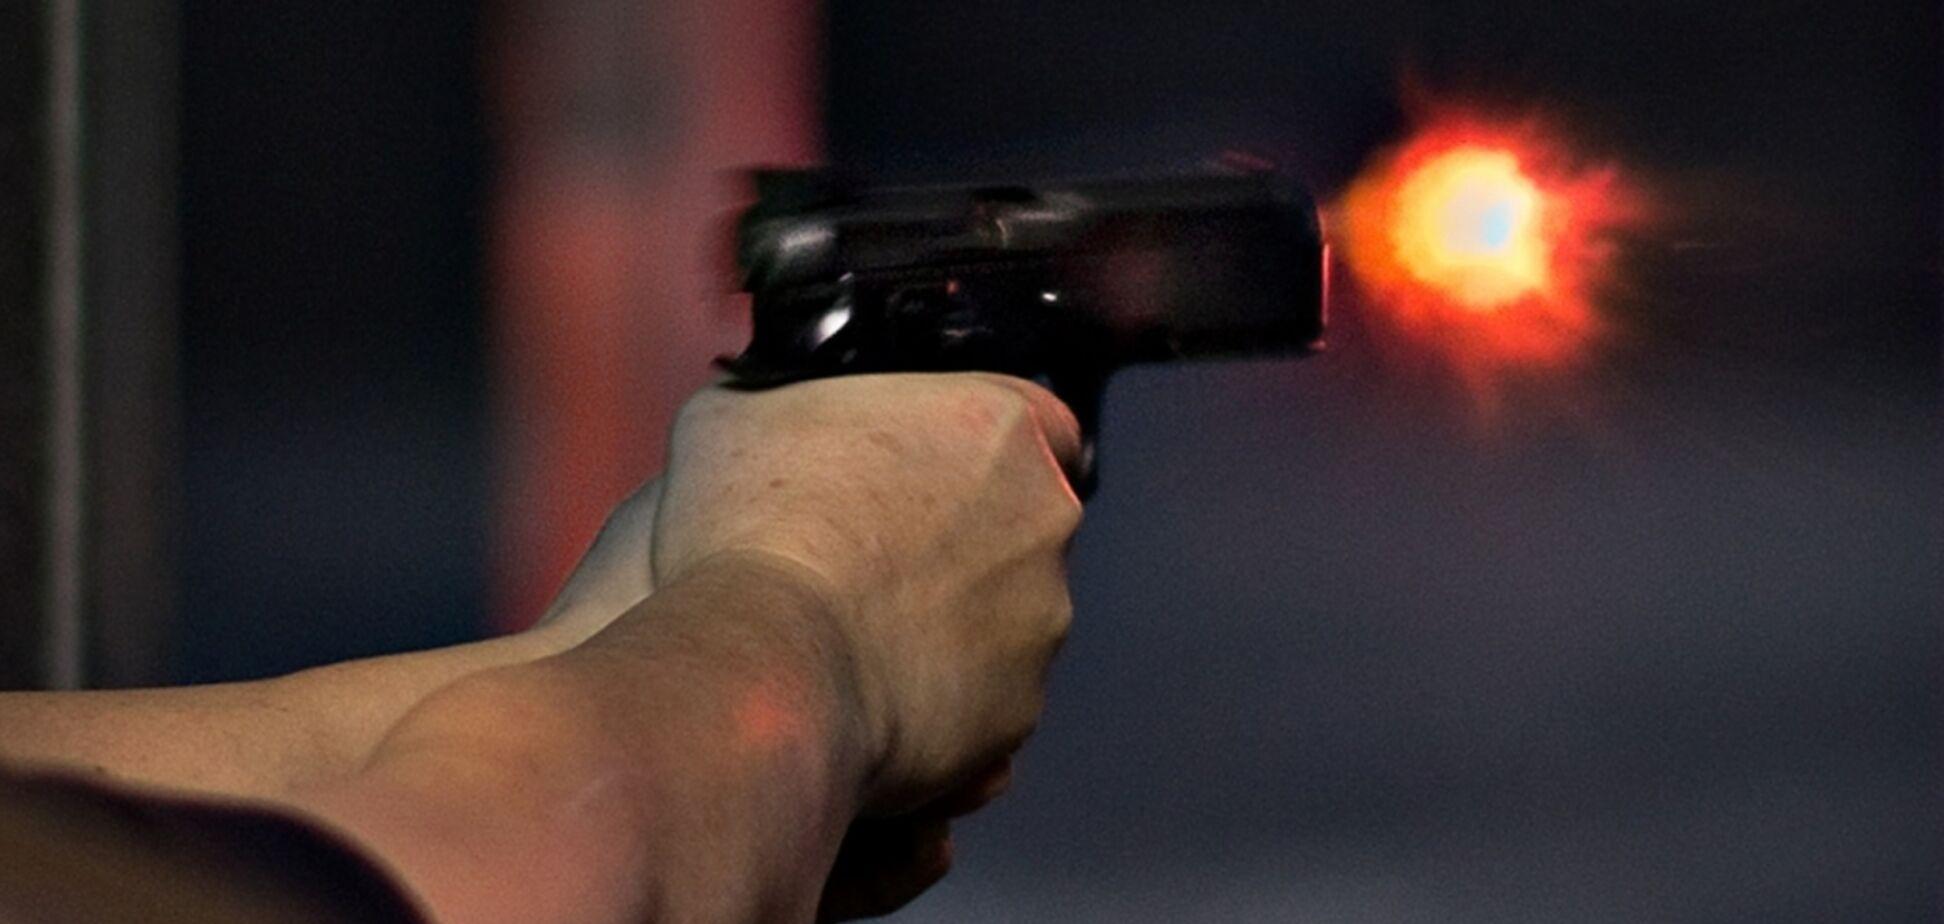 Дебош со стрельбой в Кирилловке: запорожская полиция задержала трех днепрян